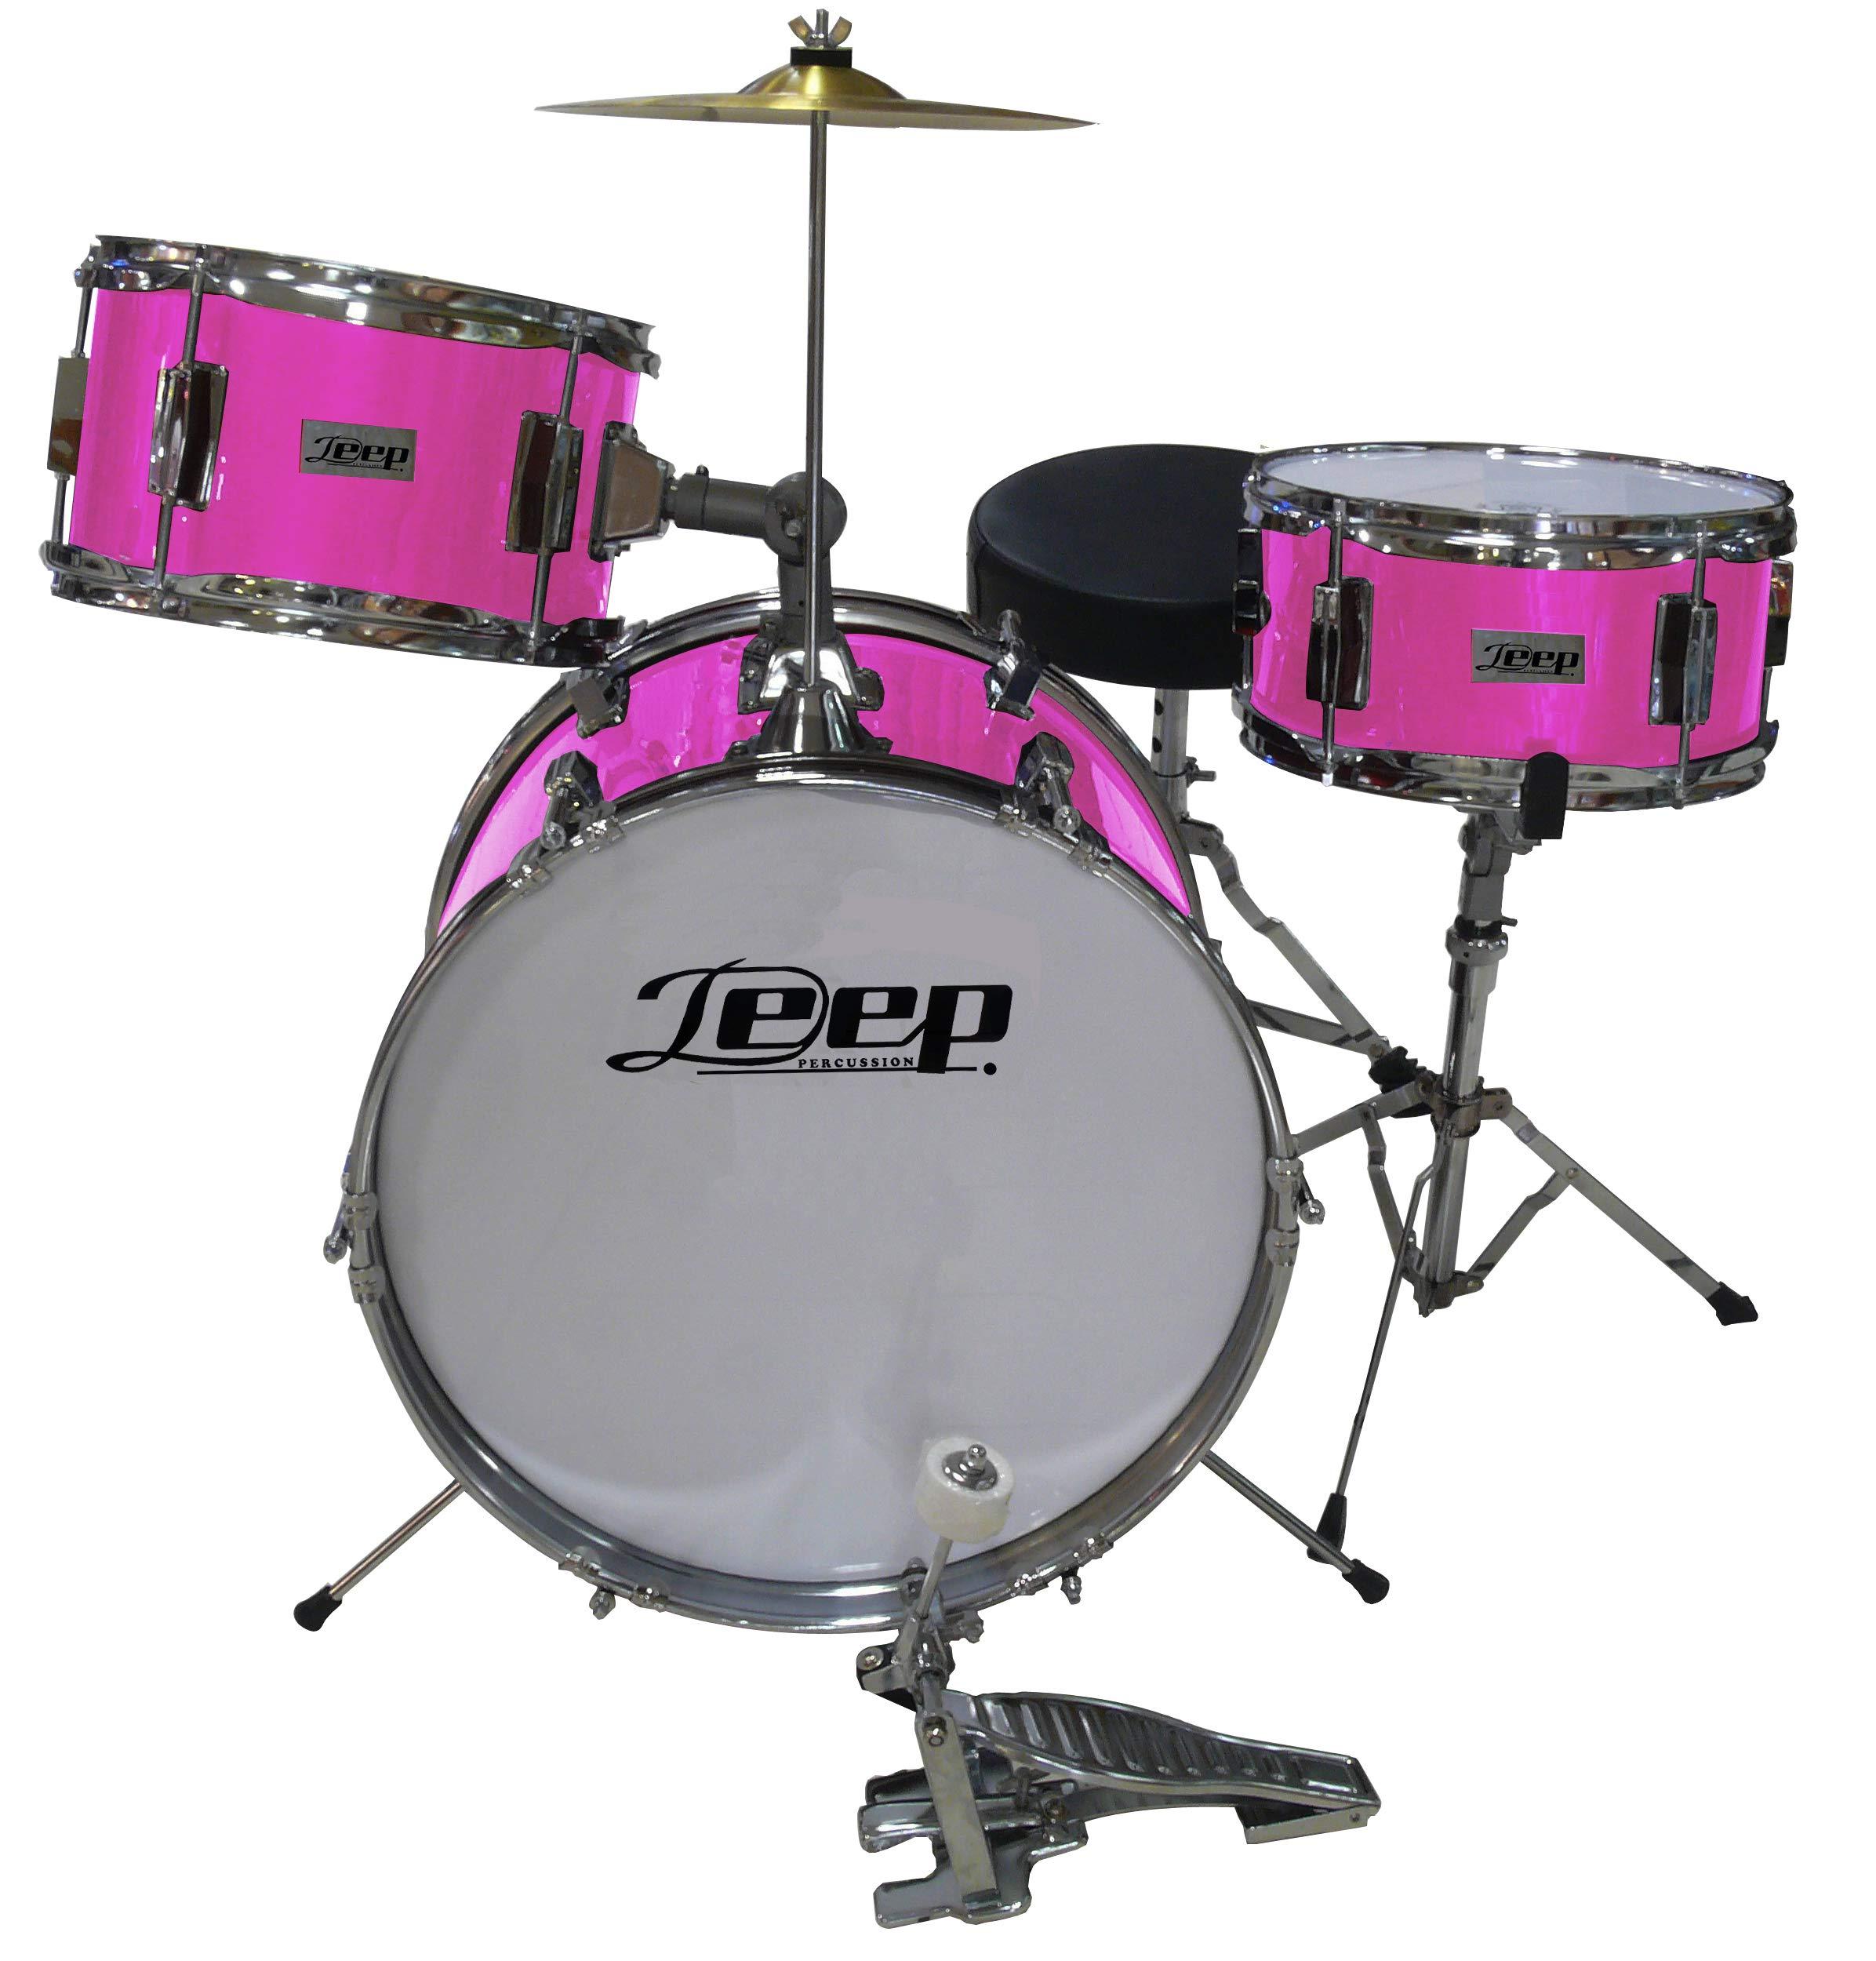 Bateria Infantil para niños de madera Deep GC1042PK2 rosa chicle: Amazon.es: Instrumentos musicales